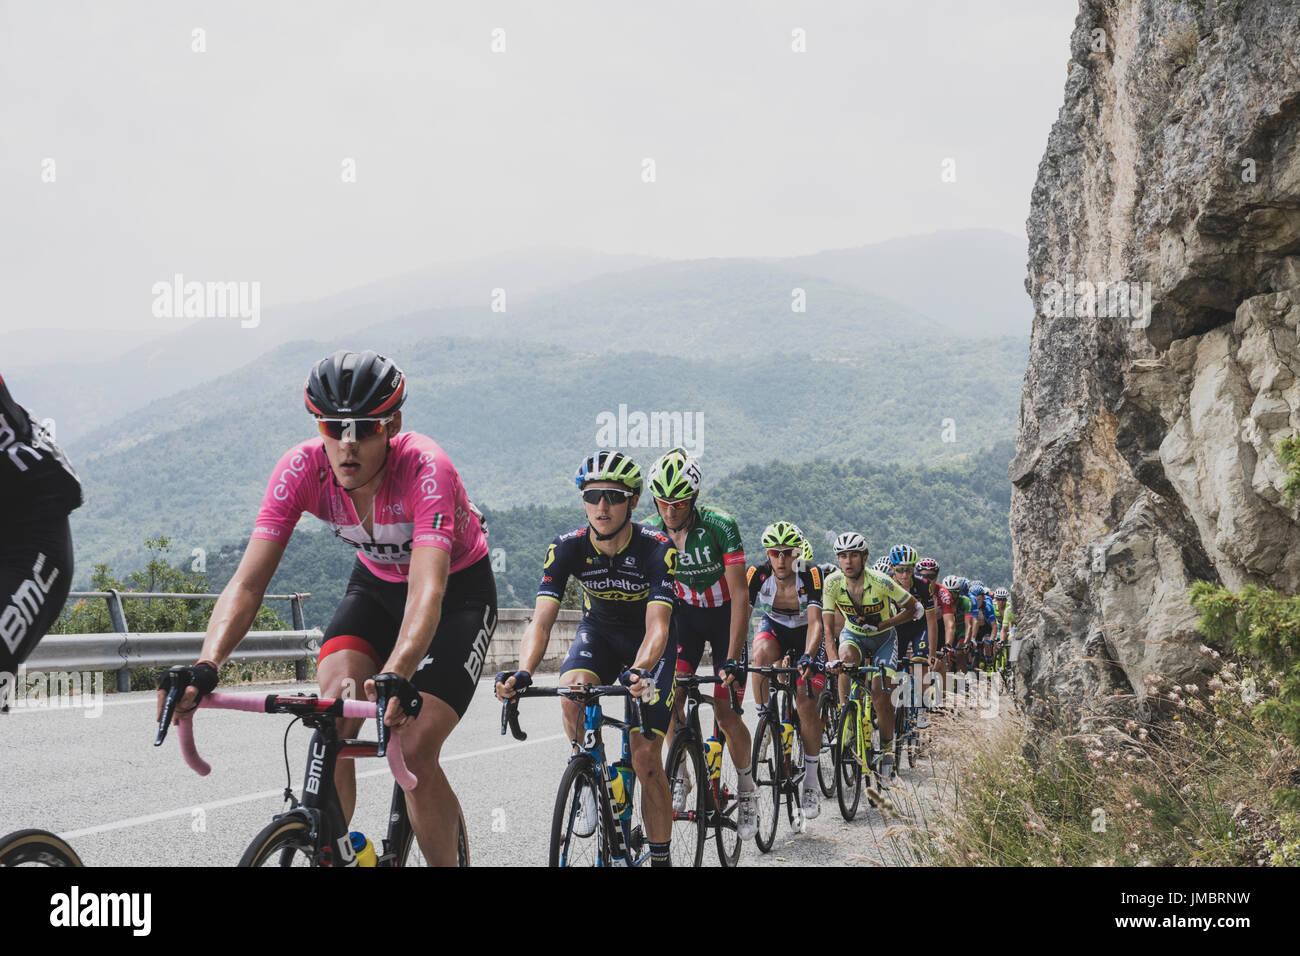 Ganador de la carrera, Pavel Sivakov (en rosa) lidera la etapa 7 del Giro d'Italia, de Ciclistico Francavilla al Mare a Campo Imperatore, Italia el 15 de junio de 2017 Imagen De Stock